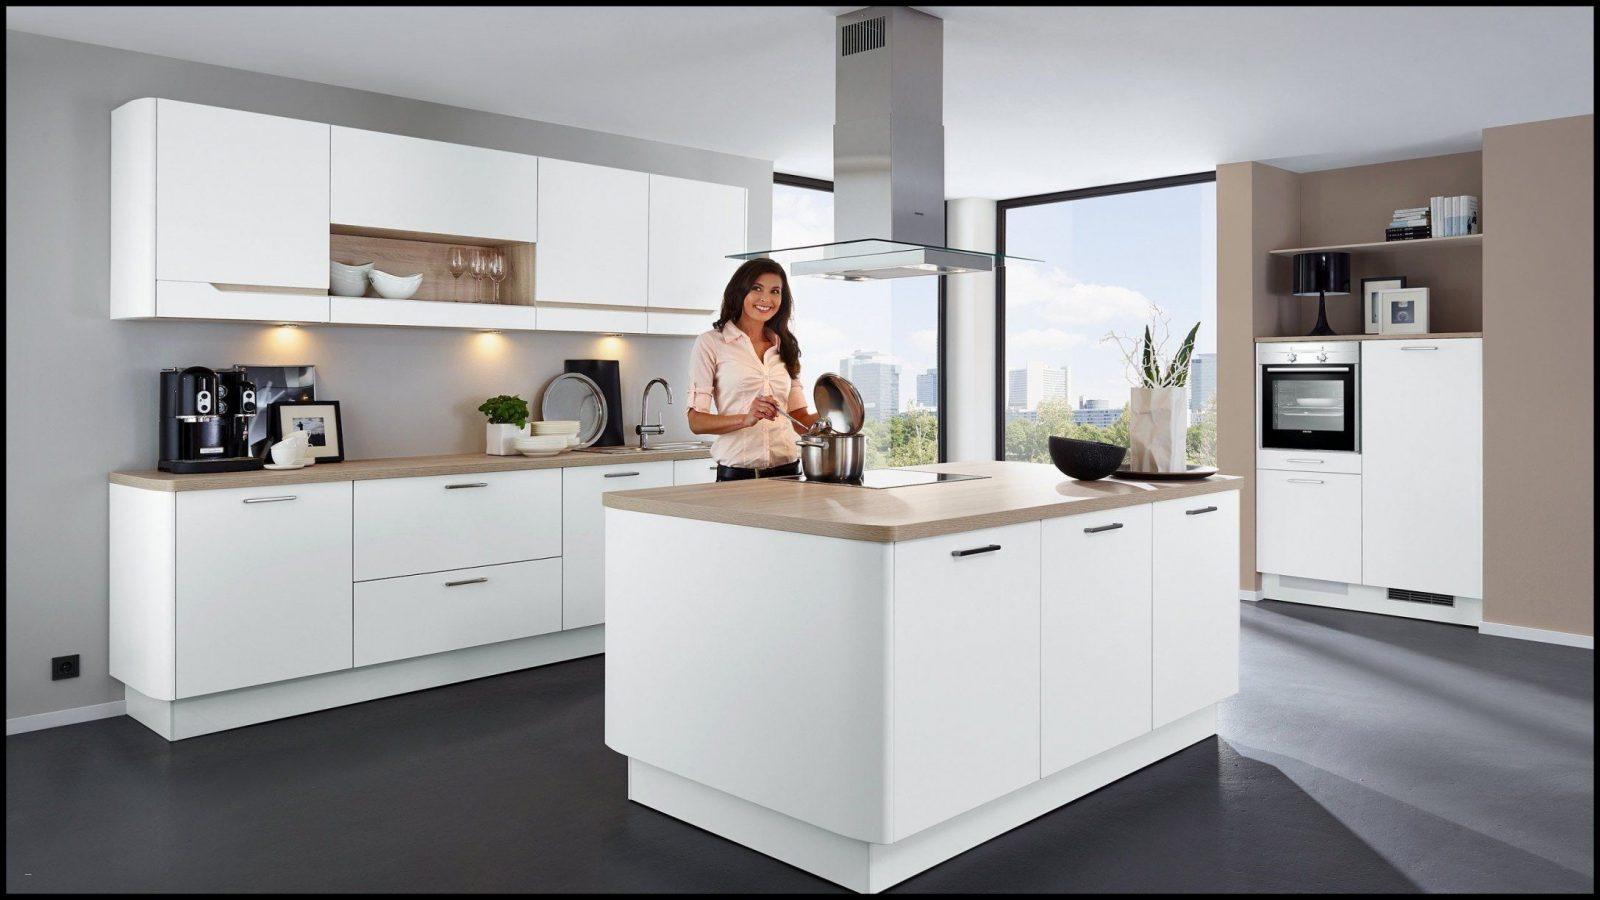 Küchen U Form Mit Kochinsel Elegant Kuche Mit Insel Küche In U Form von Küchen U Form Mit Kochinsel Photo